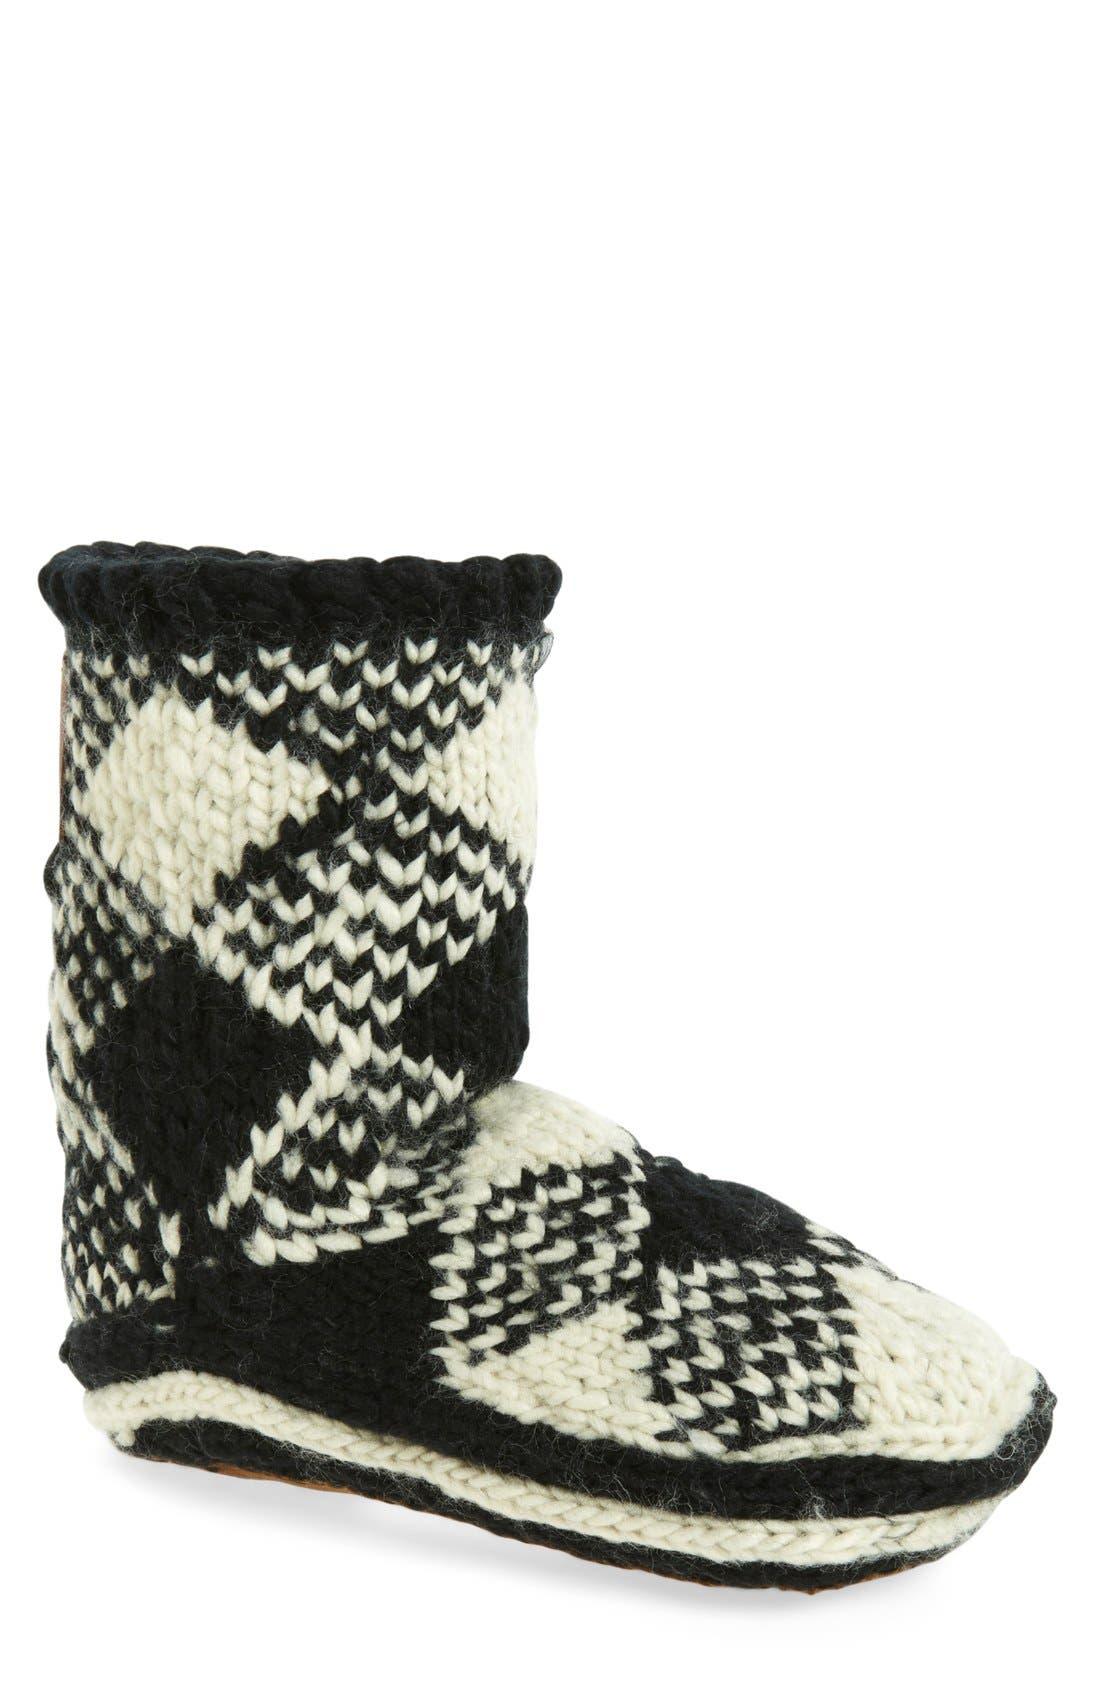 WOOLRICH Chalet Slipper Socks